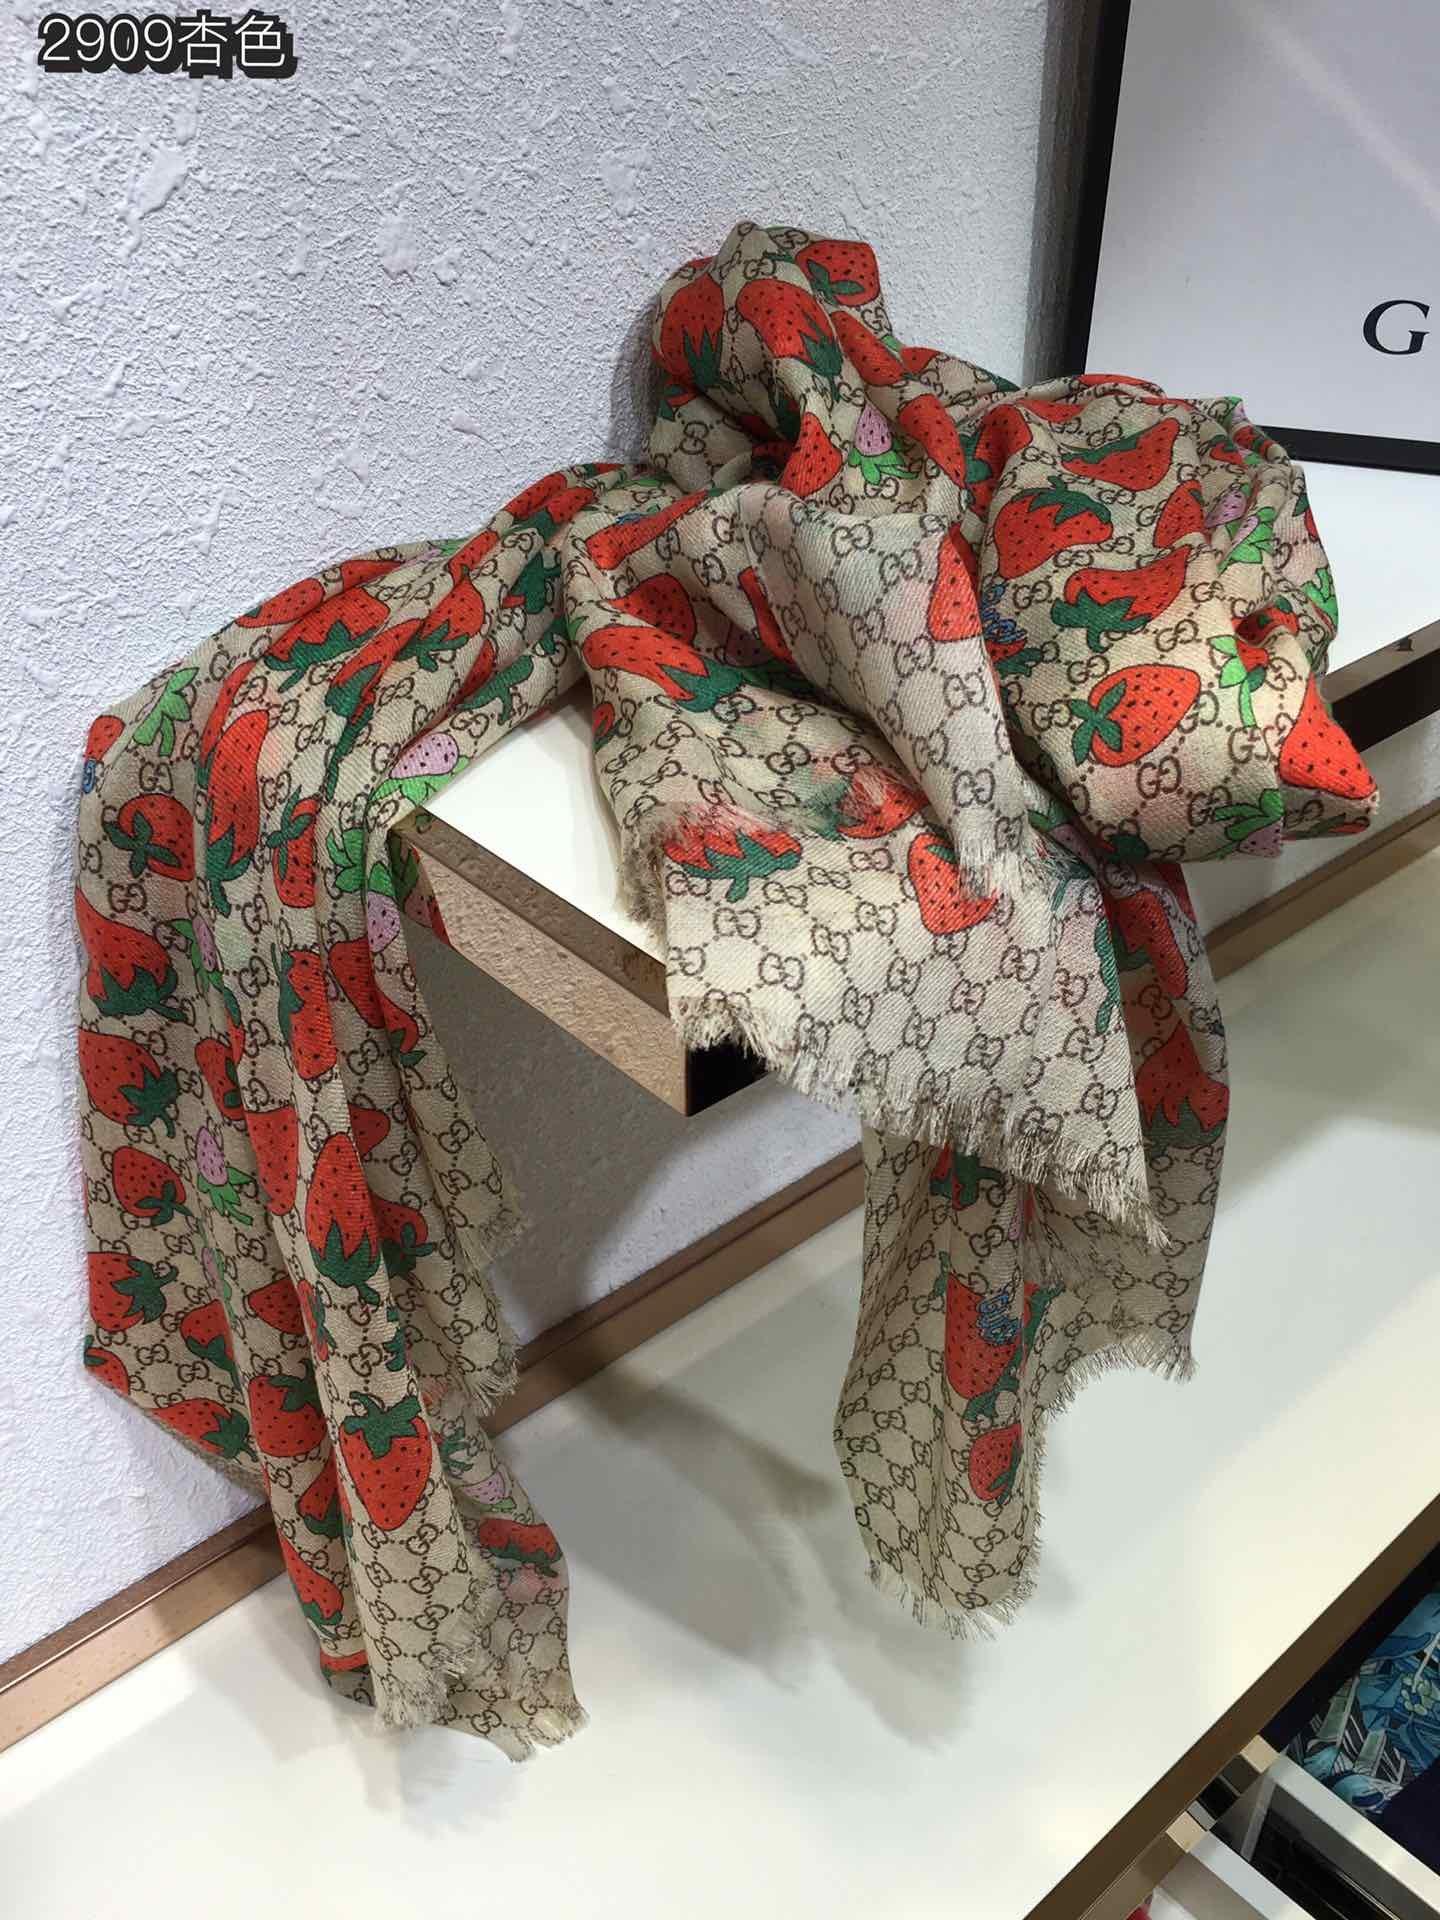 古奇草莓羊绒长巾上身效果疯狂的喜欢G